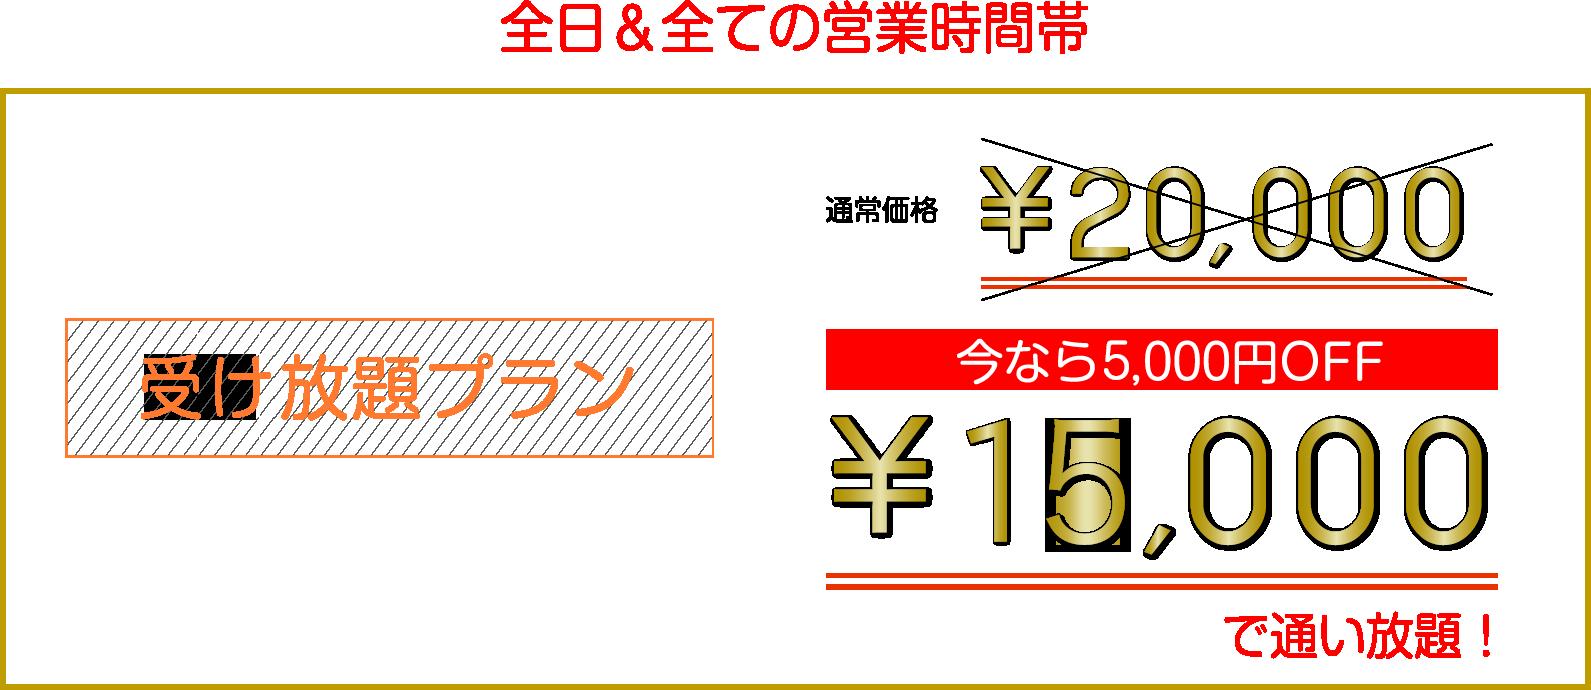 全日&全ての営業時間帯 [通い放題プラン 通常価格¥20,000が今なら2,000円OFF ¥18,000で通い放題